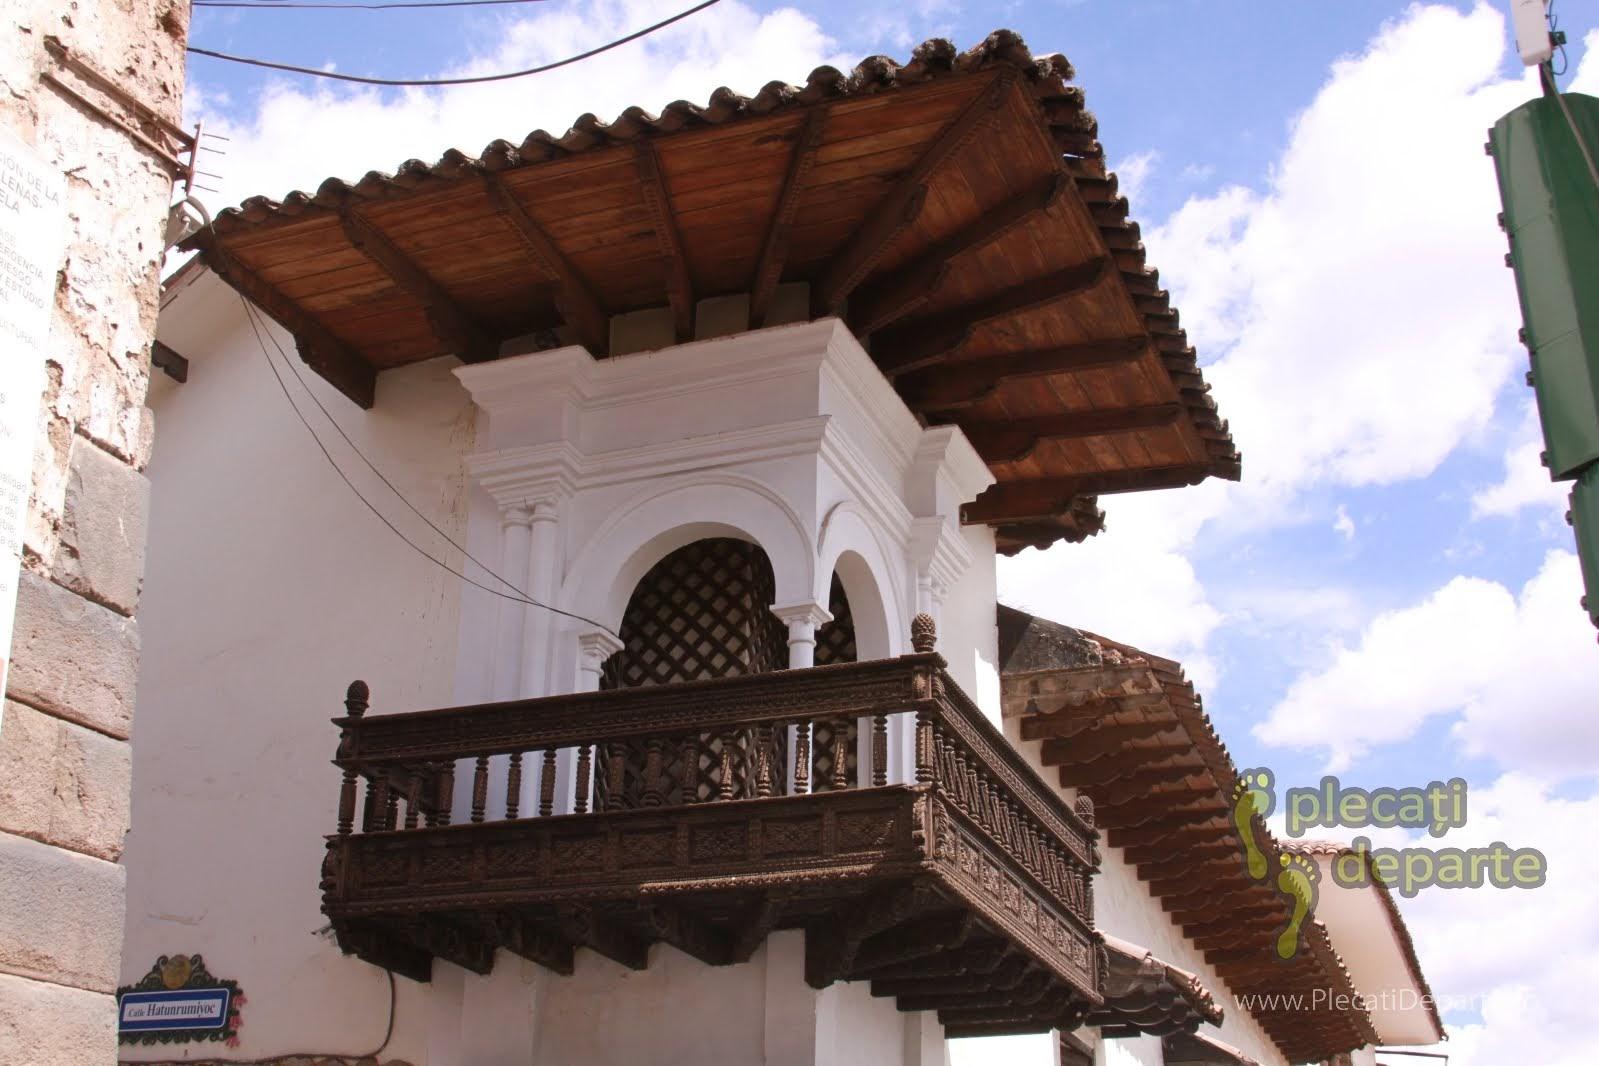 balcon din lemn al unei constructii din Cusco, Peru